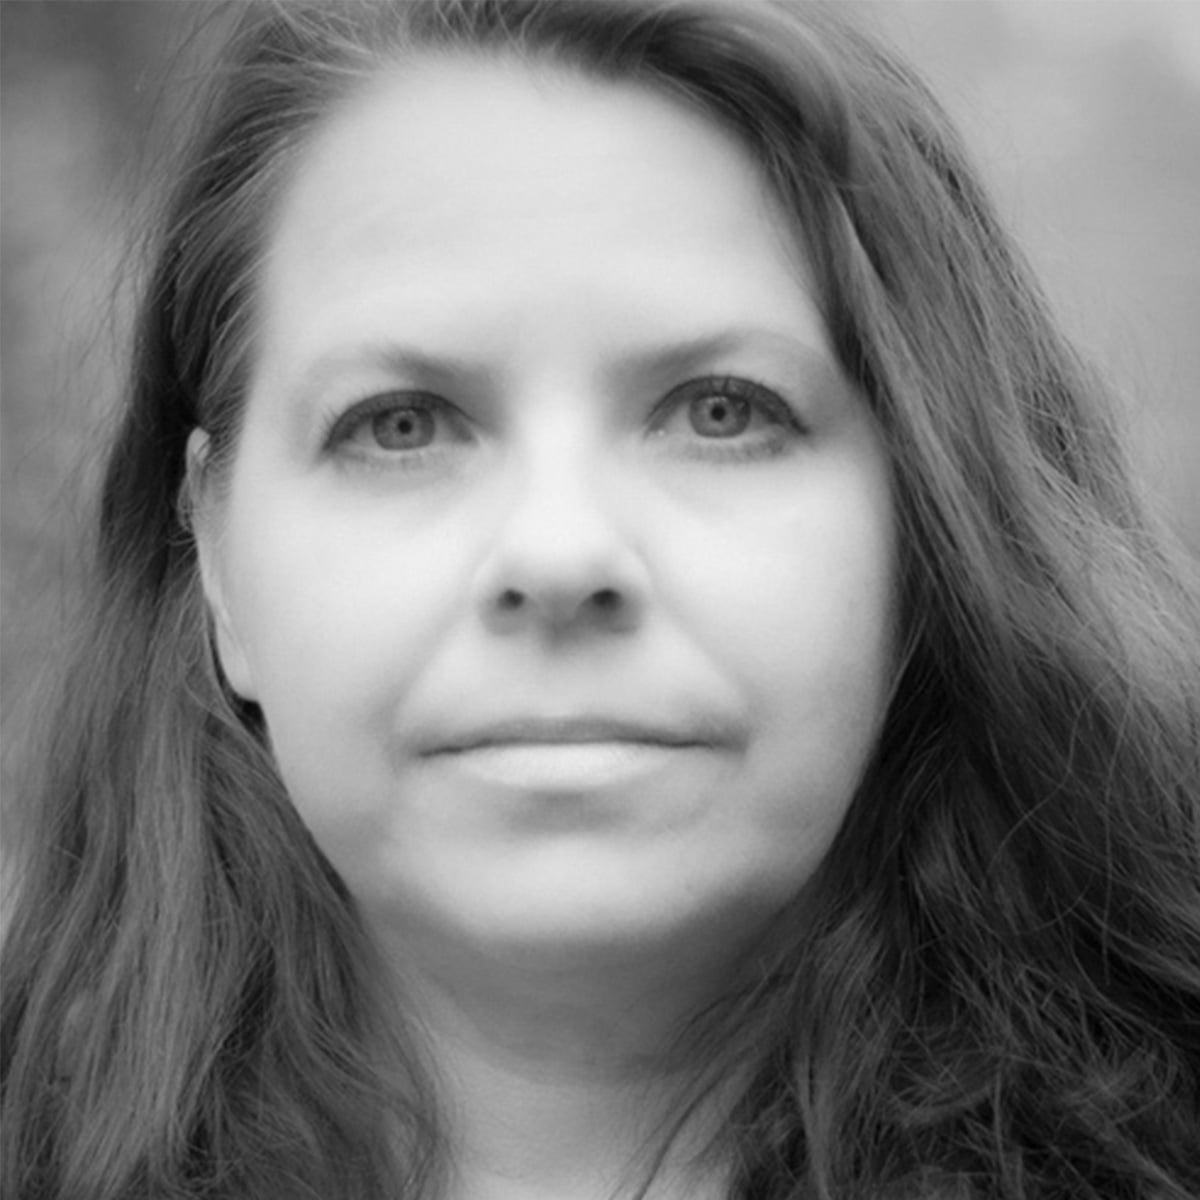 Rebekah Glasmann | St. Cloud, MN